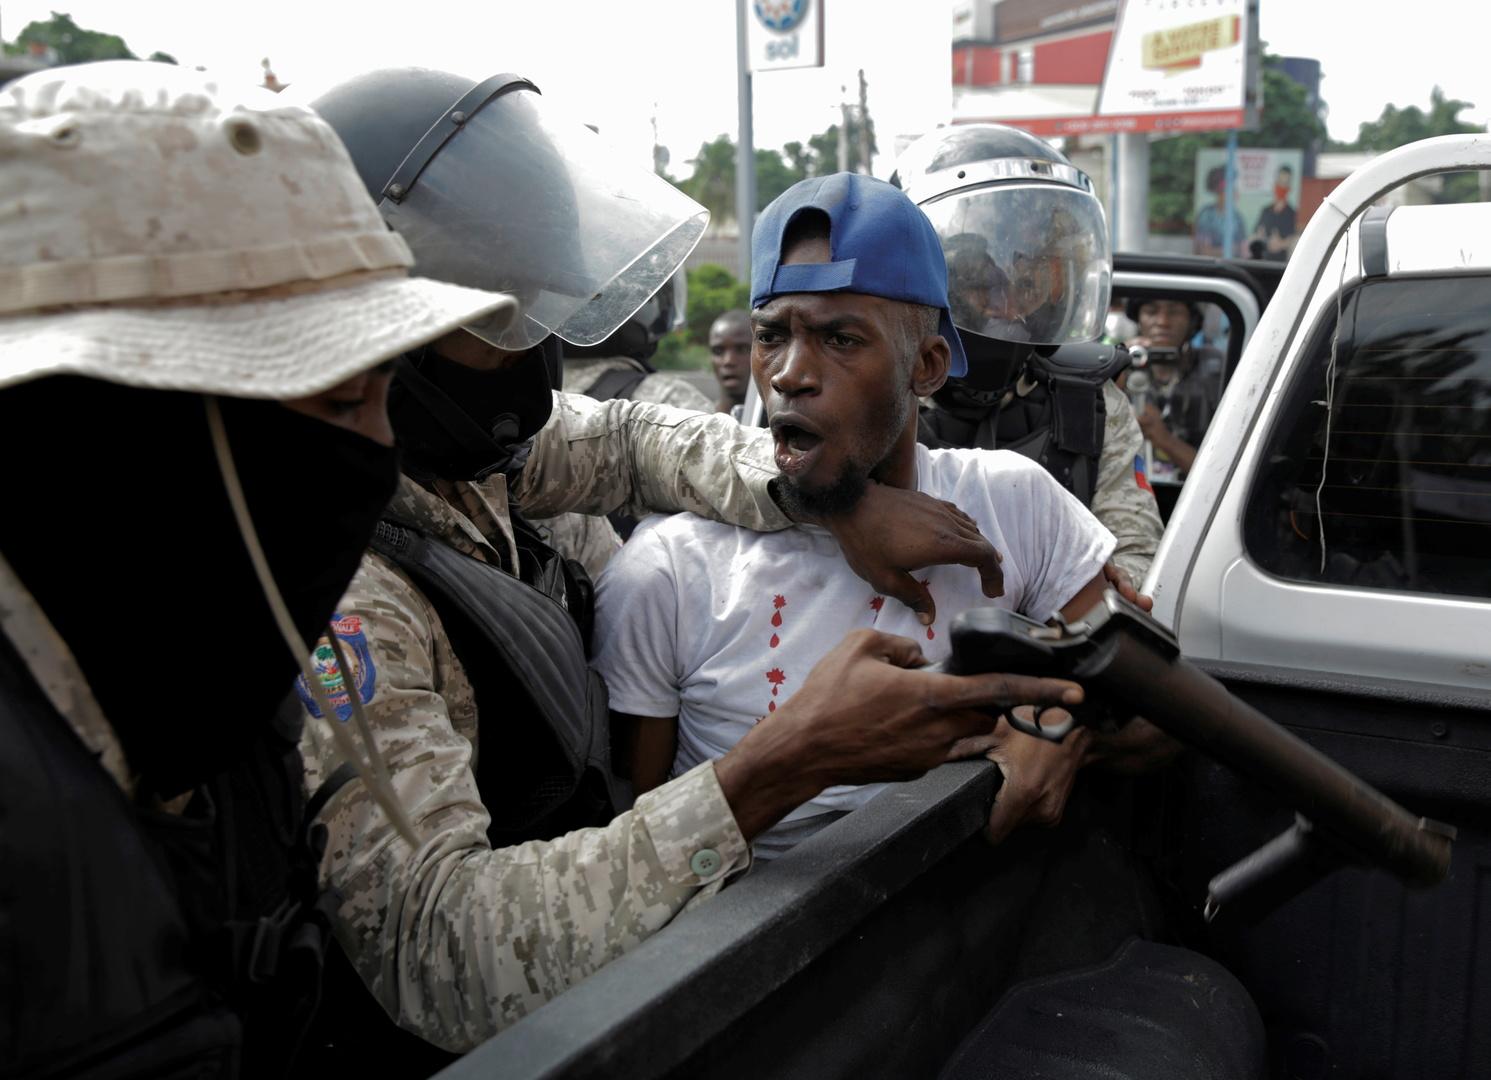 Etat d'urgence décrété en Haïti face aux manifestations réclamant le départ du président Moïse